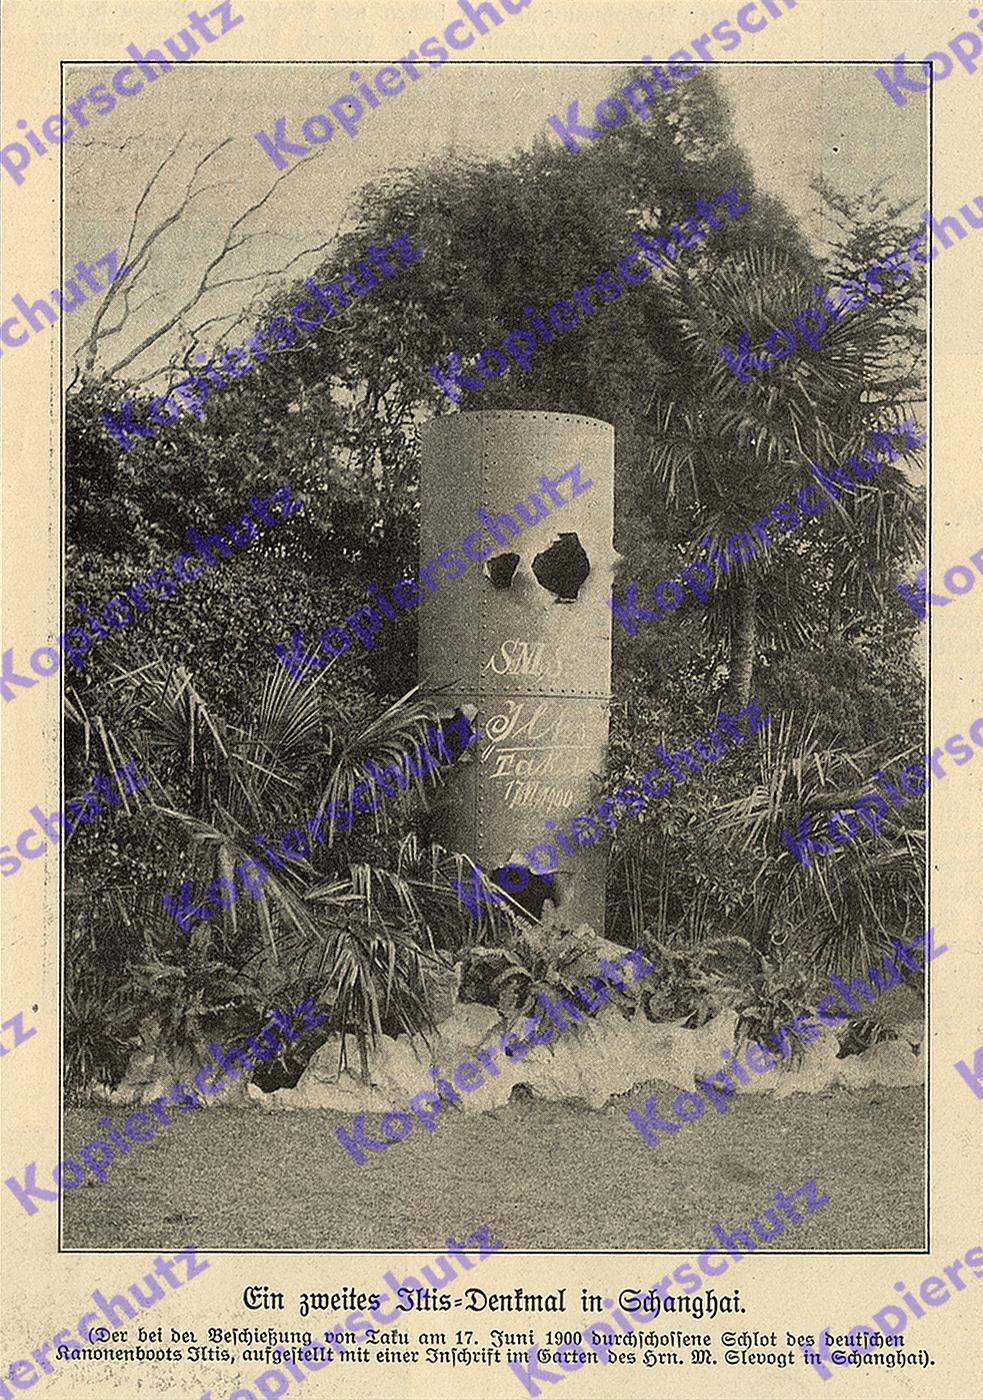 Schanghai Denkmal Sms Iltis Kaiserliche Marine Boxeraufstand China Slevogt 1900 Ebay